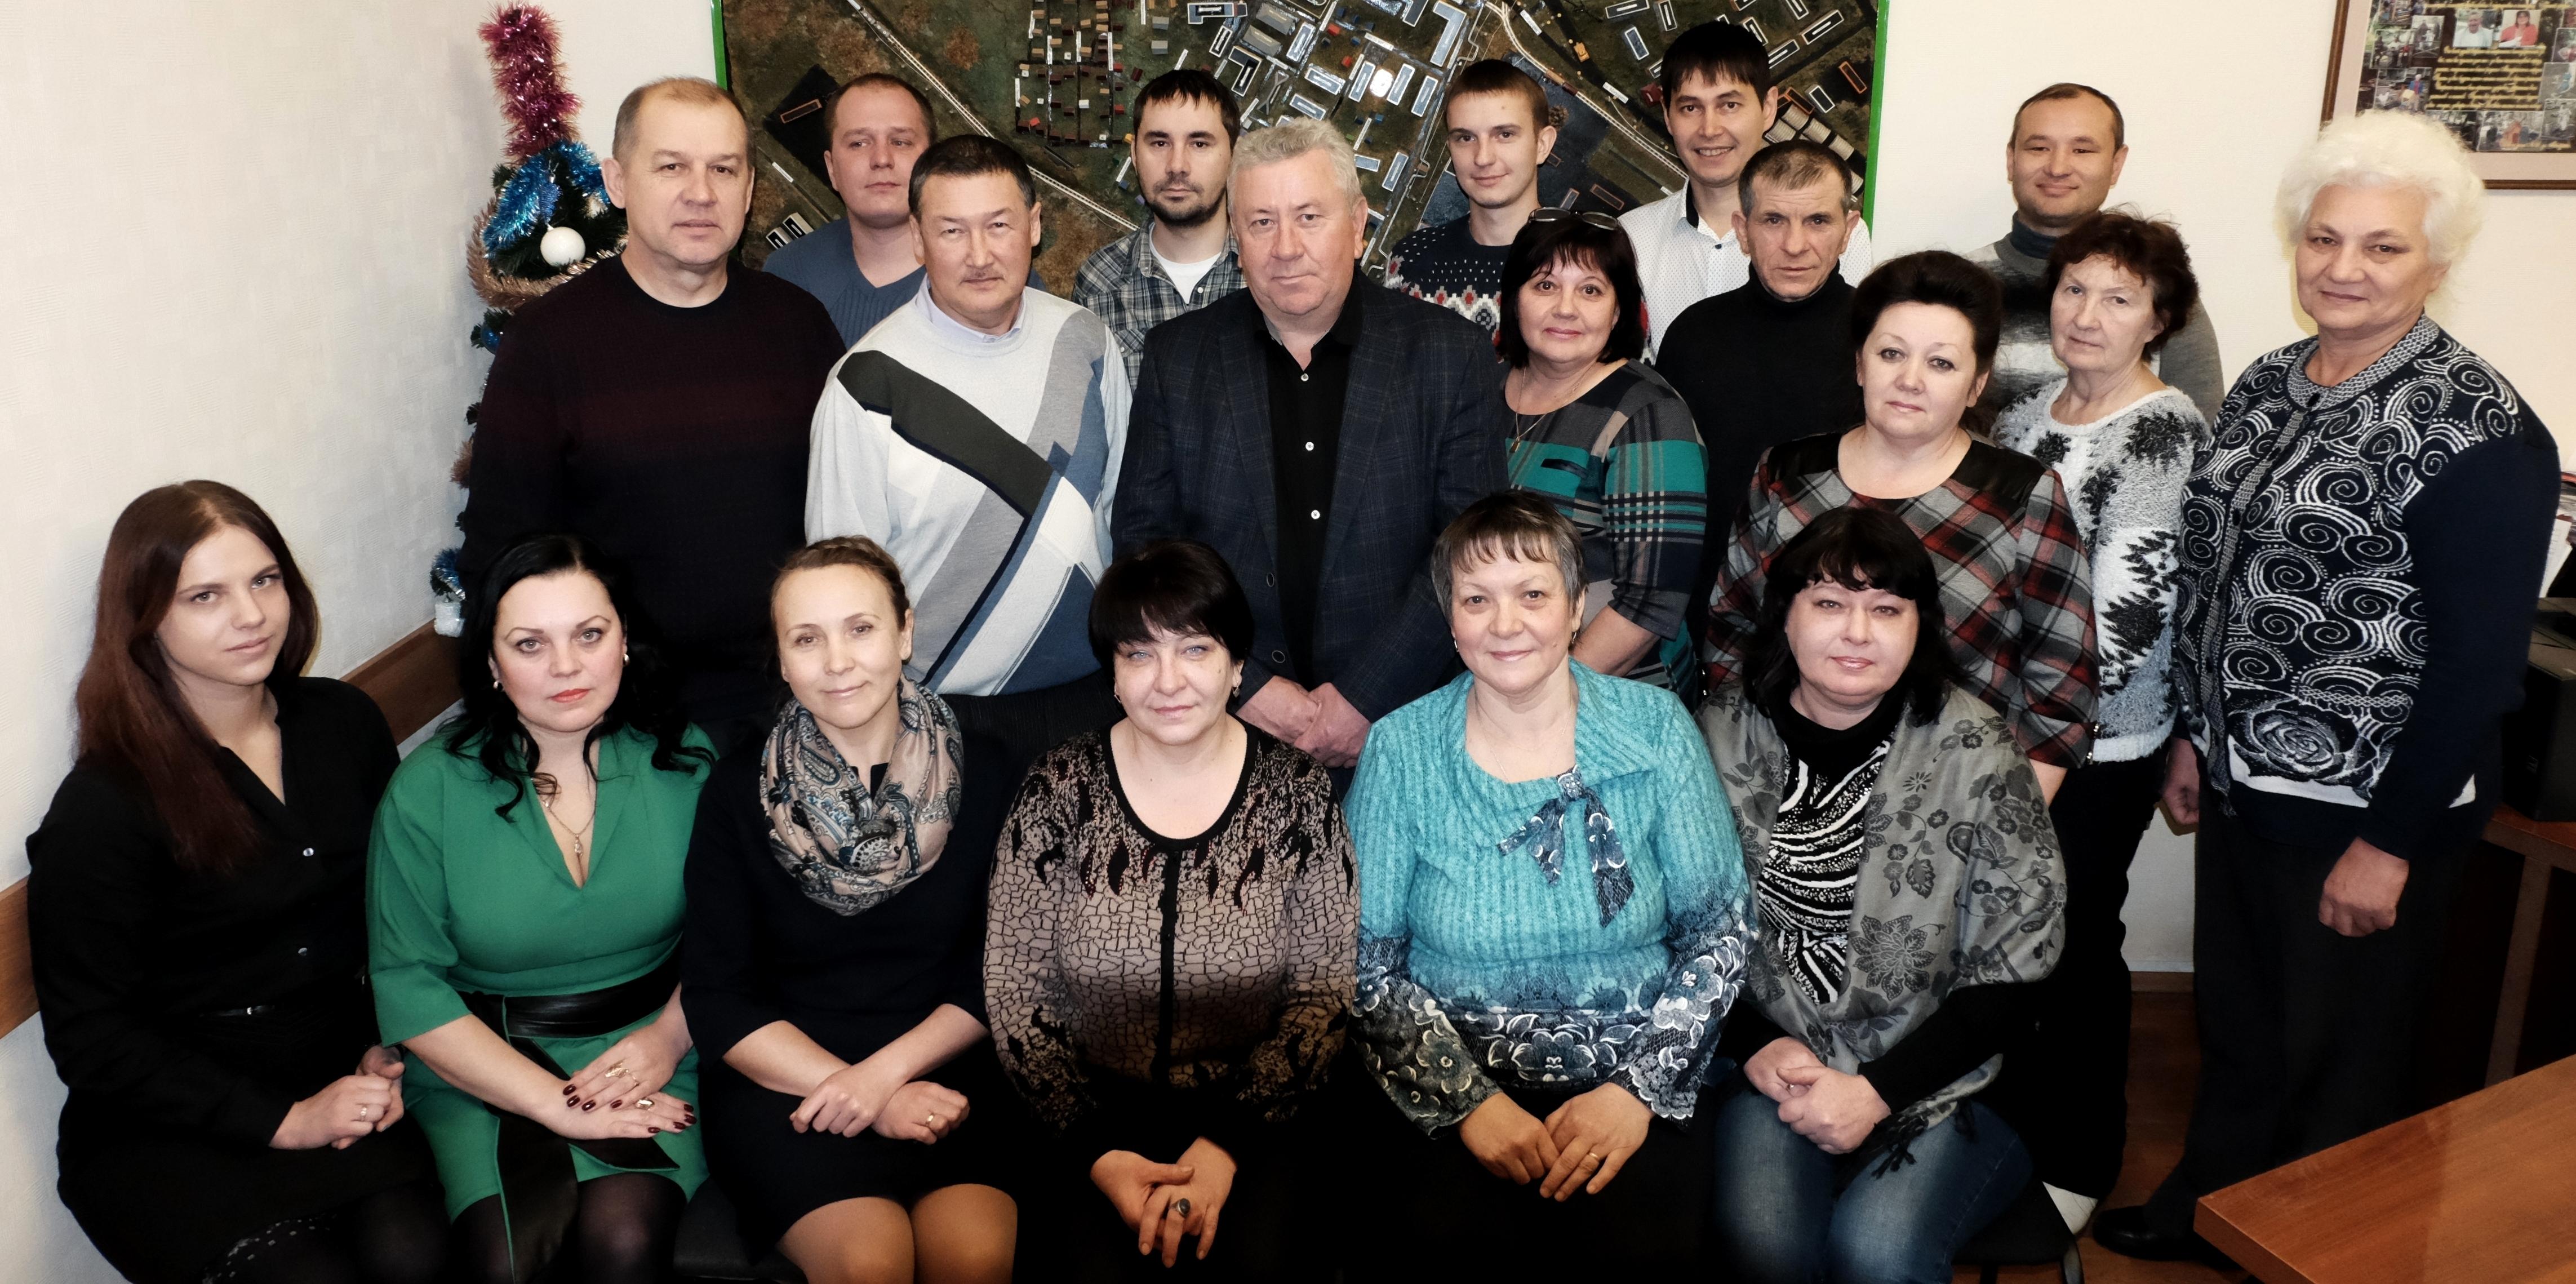 Копия жэп9-2016-17!